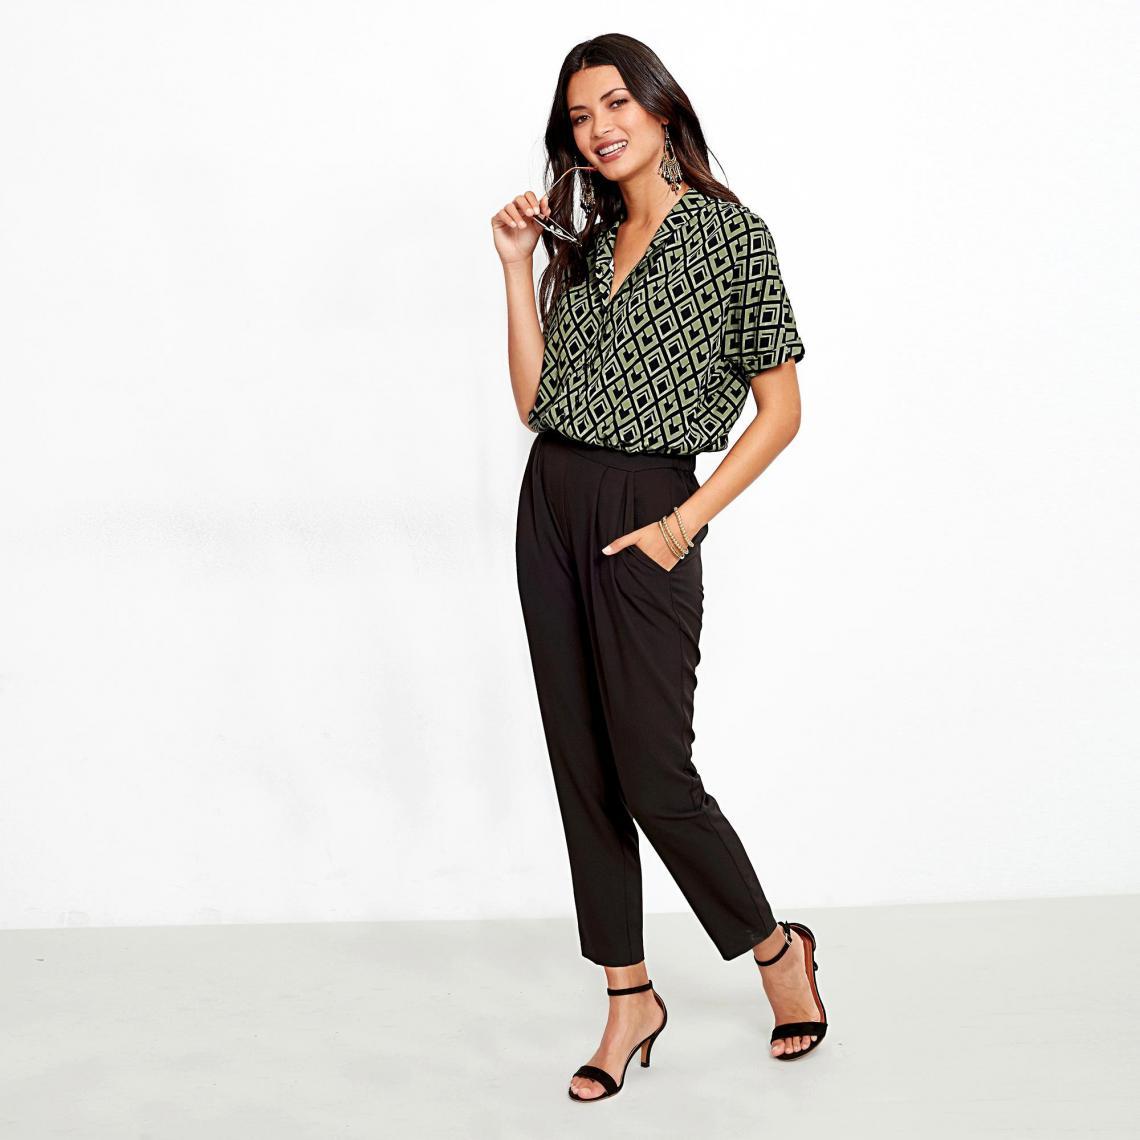 acheter en ligne fe4cd f729f Combinaison femme - Vert | 3 SUISSES